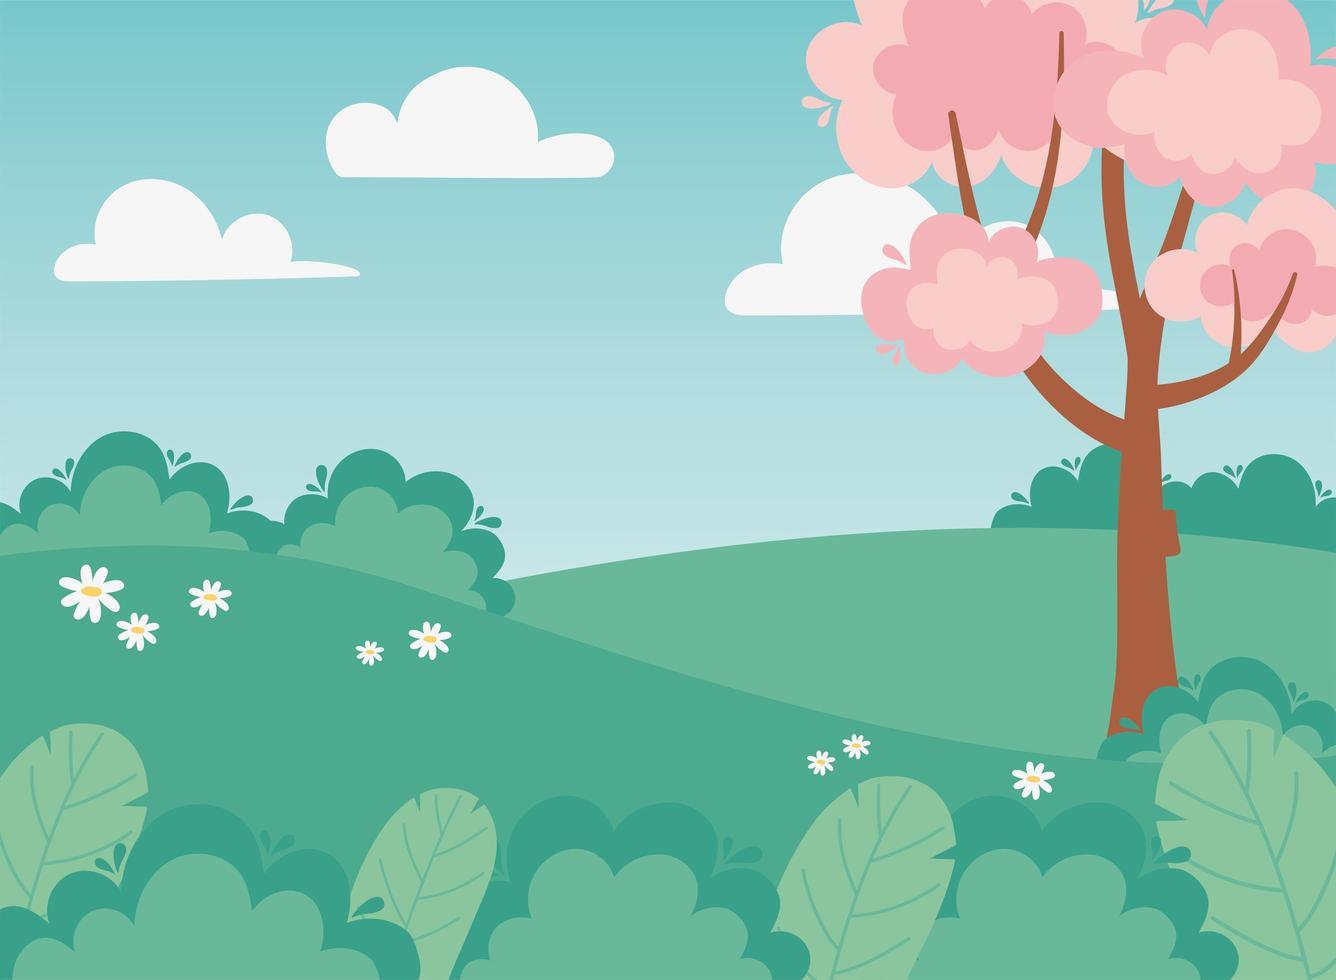 landskap vegetation, blommor, buskar, åker och träd vektor